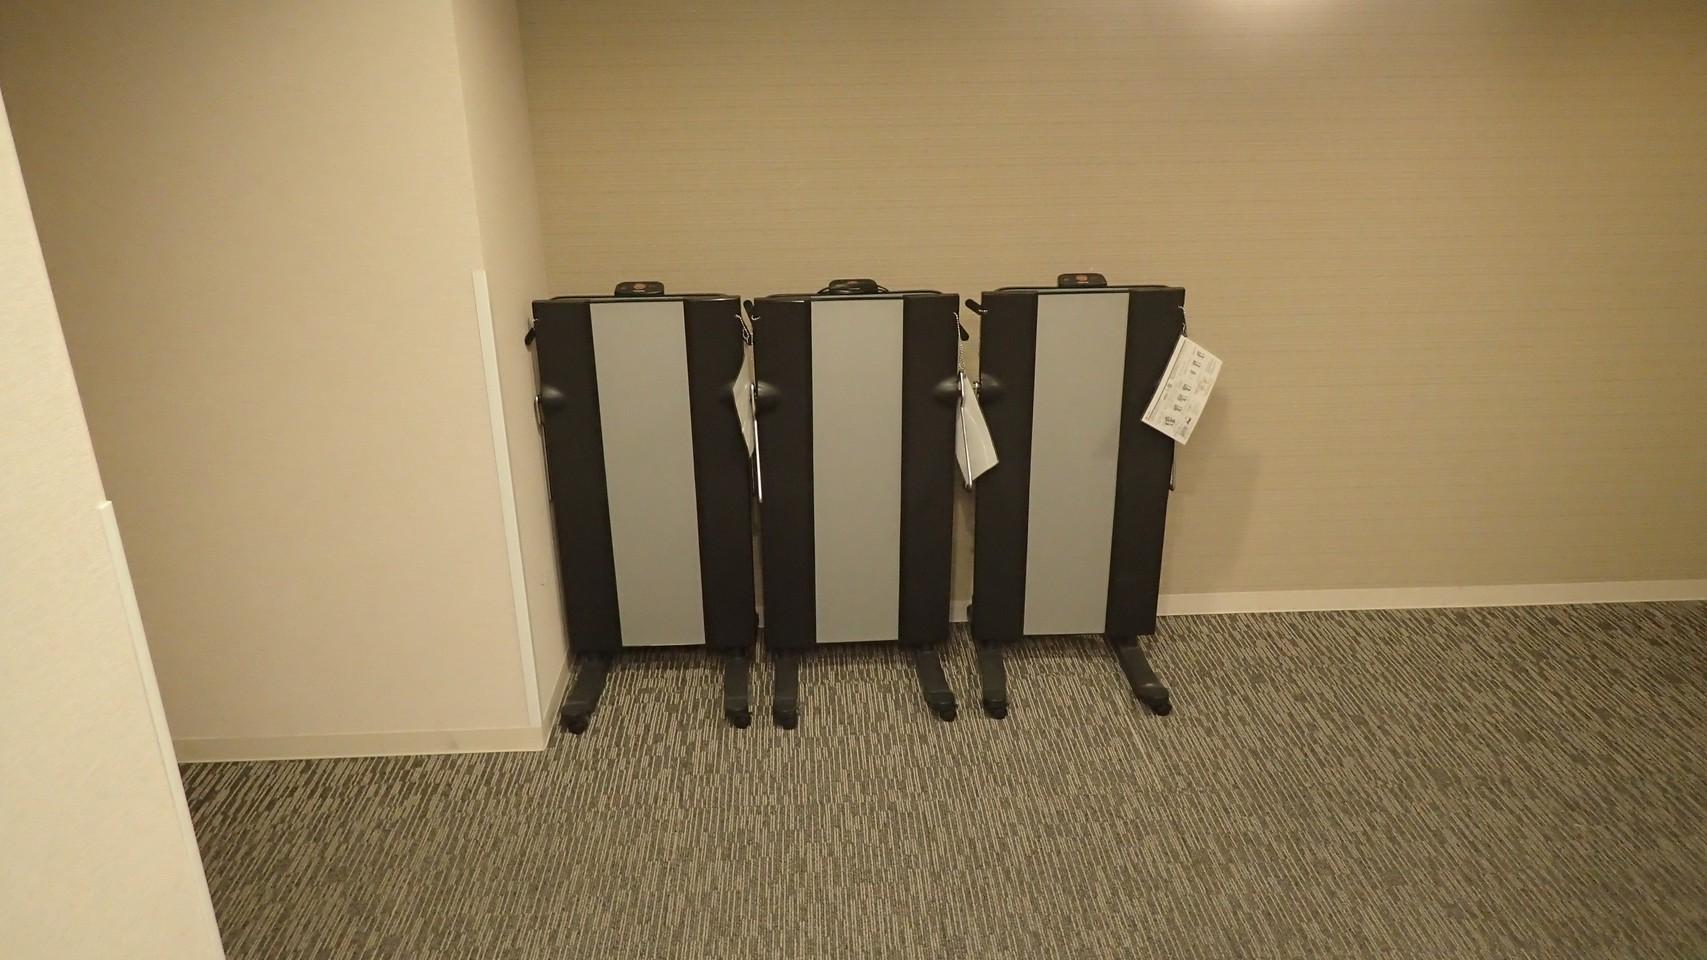 ズボンプレッサー(各階のエレベーターホールにご用意しております)数に限りがございます。